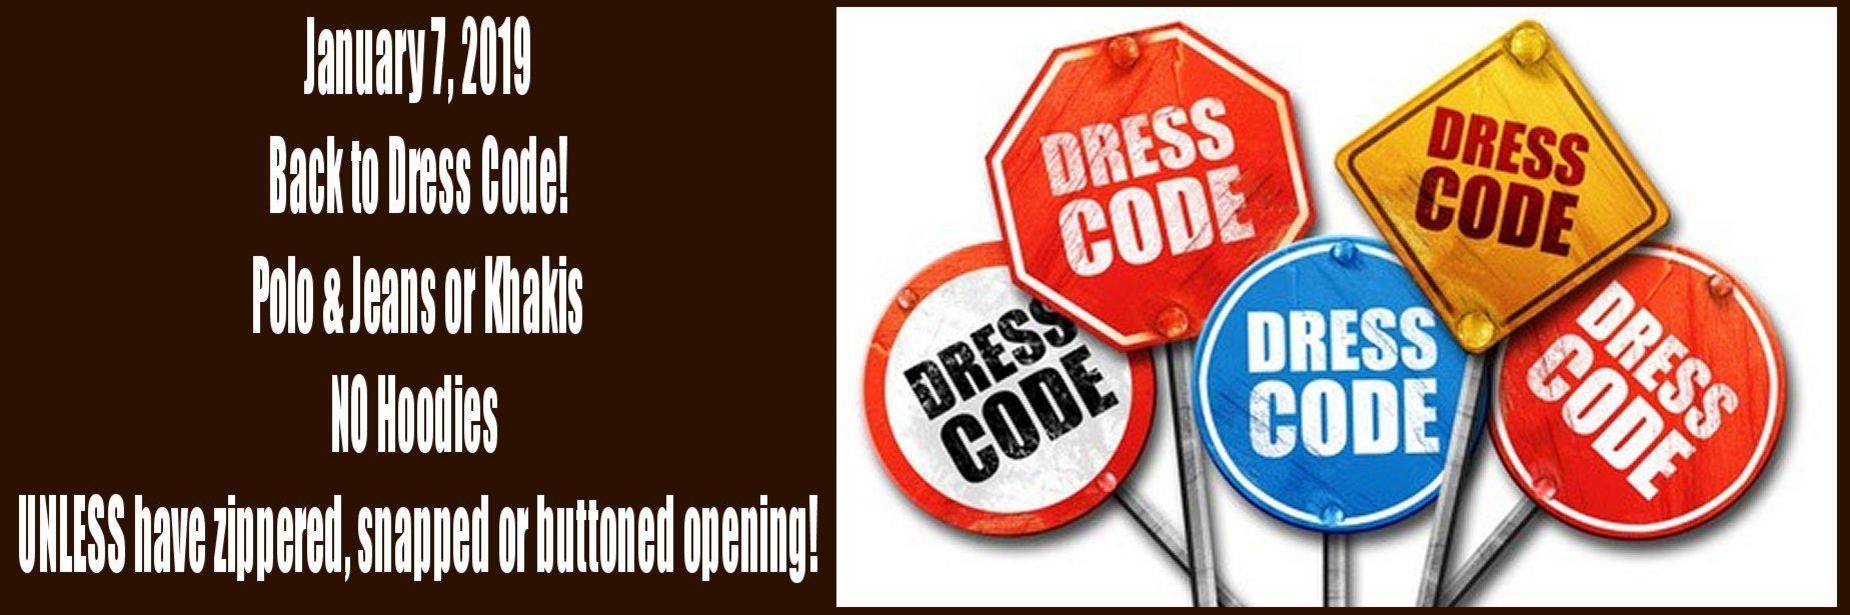 Dress Code Back at New Year